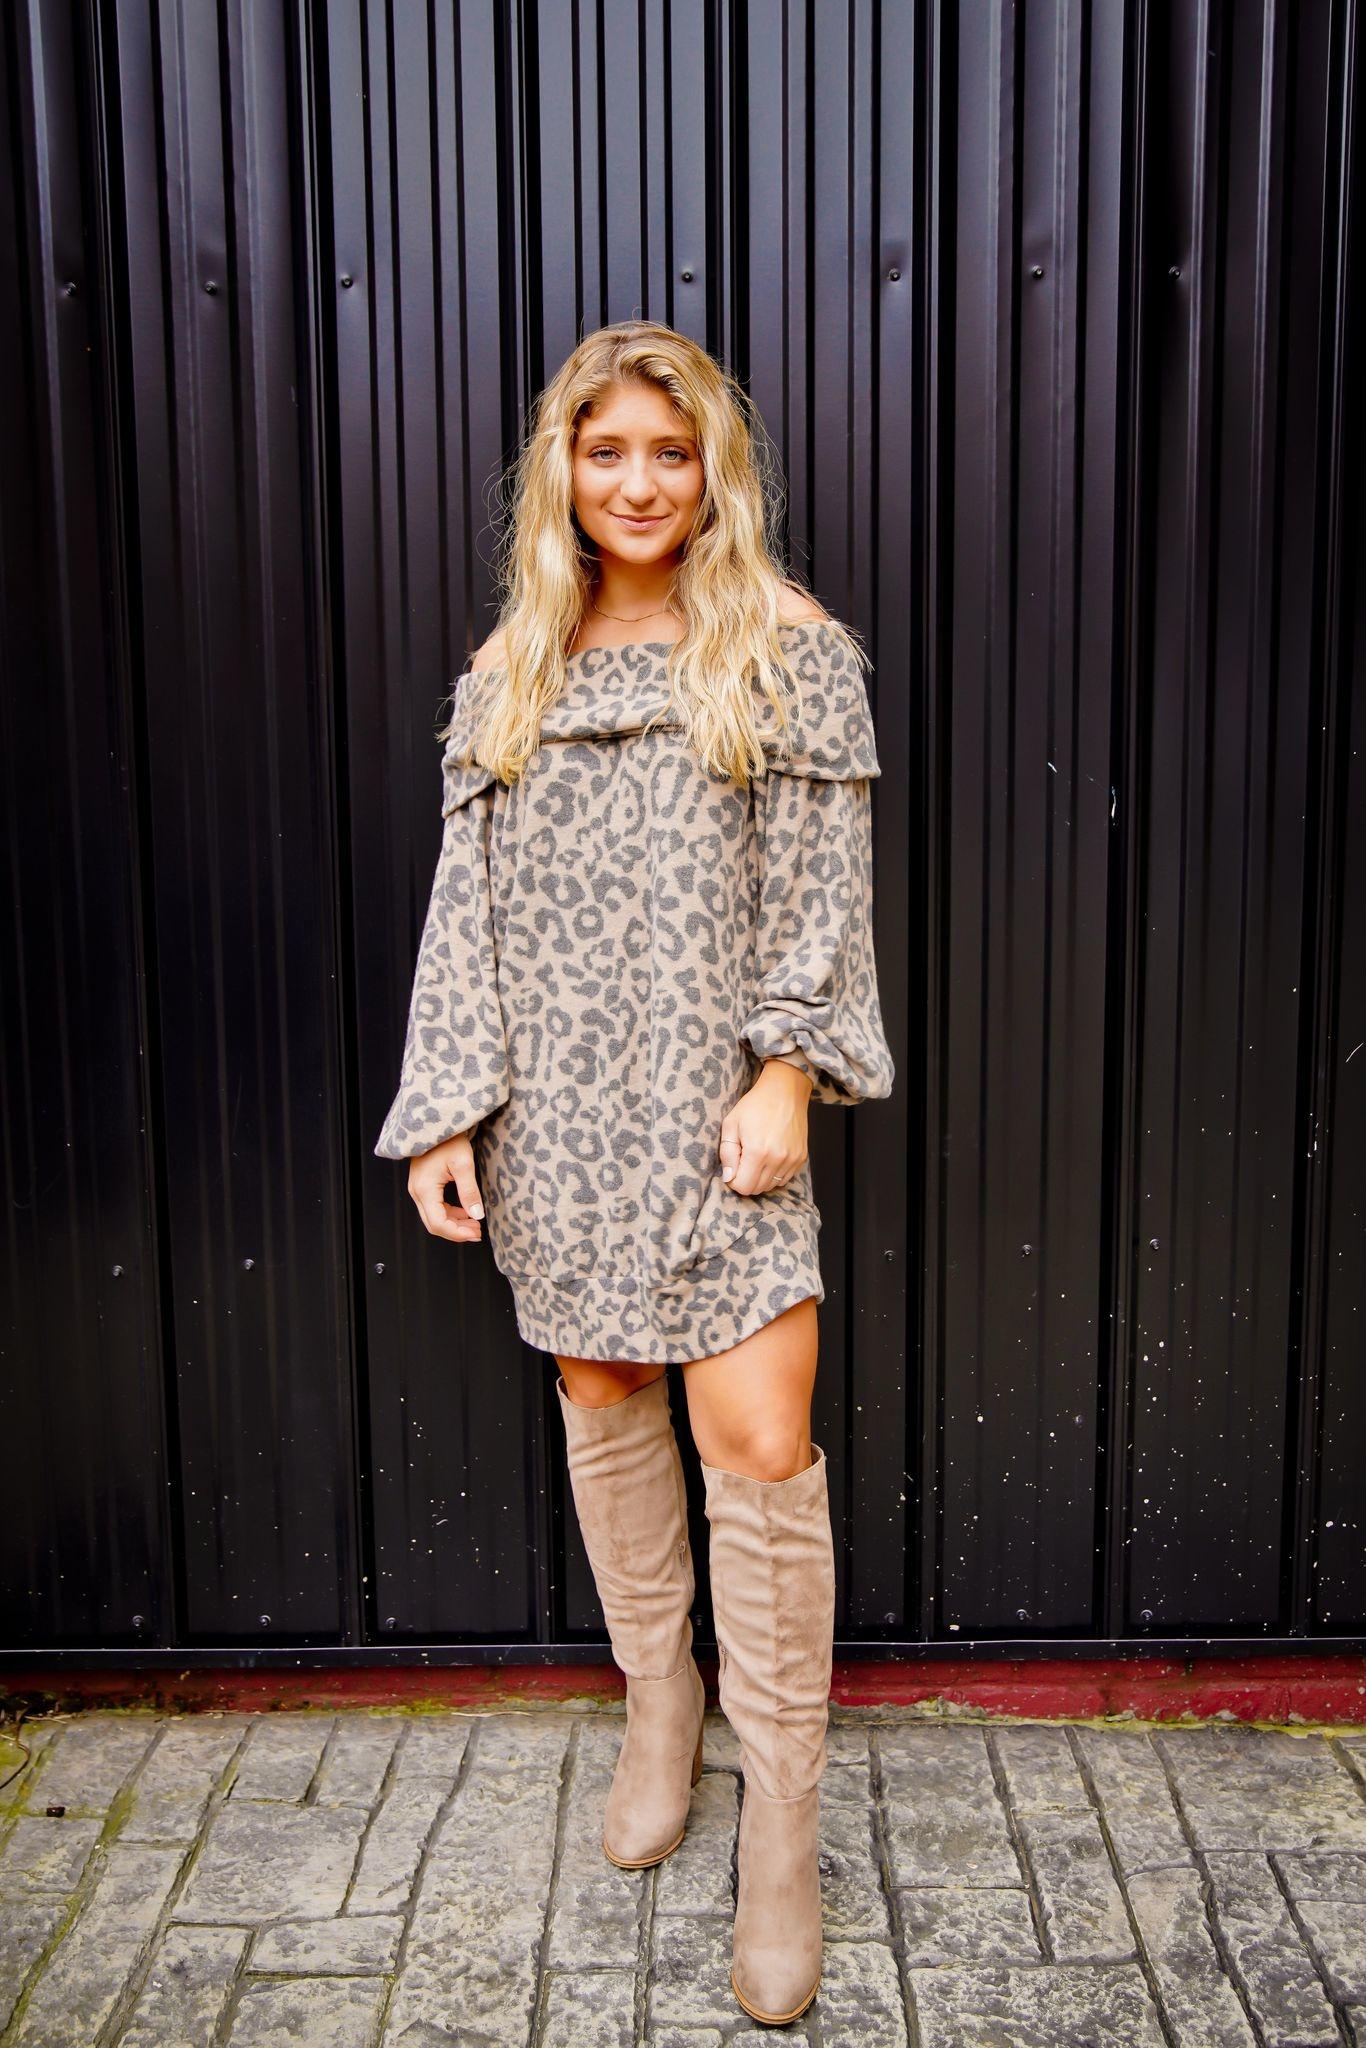 Camel Leopard Off Shoulder Tunic Dress